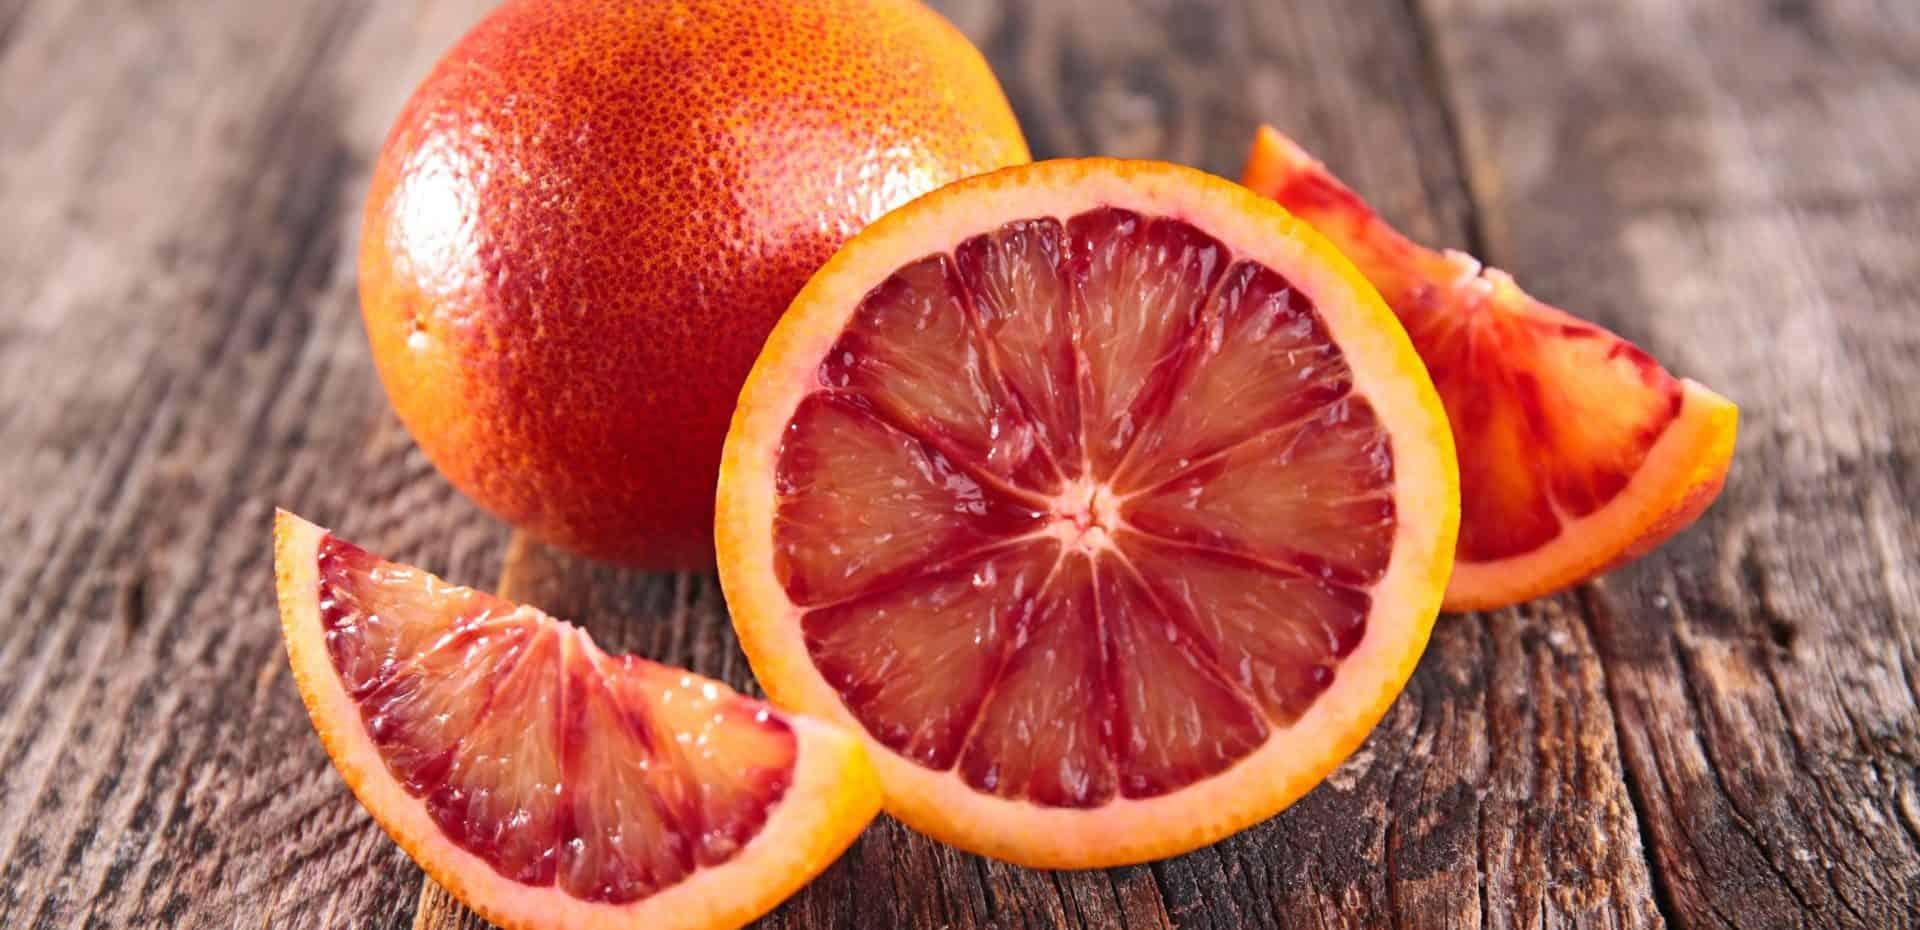 پرتقال موثر در حفظ سلامت دهان و دندان